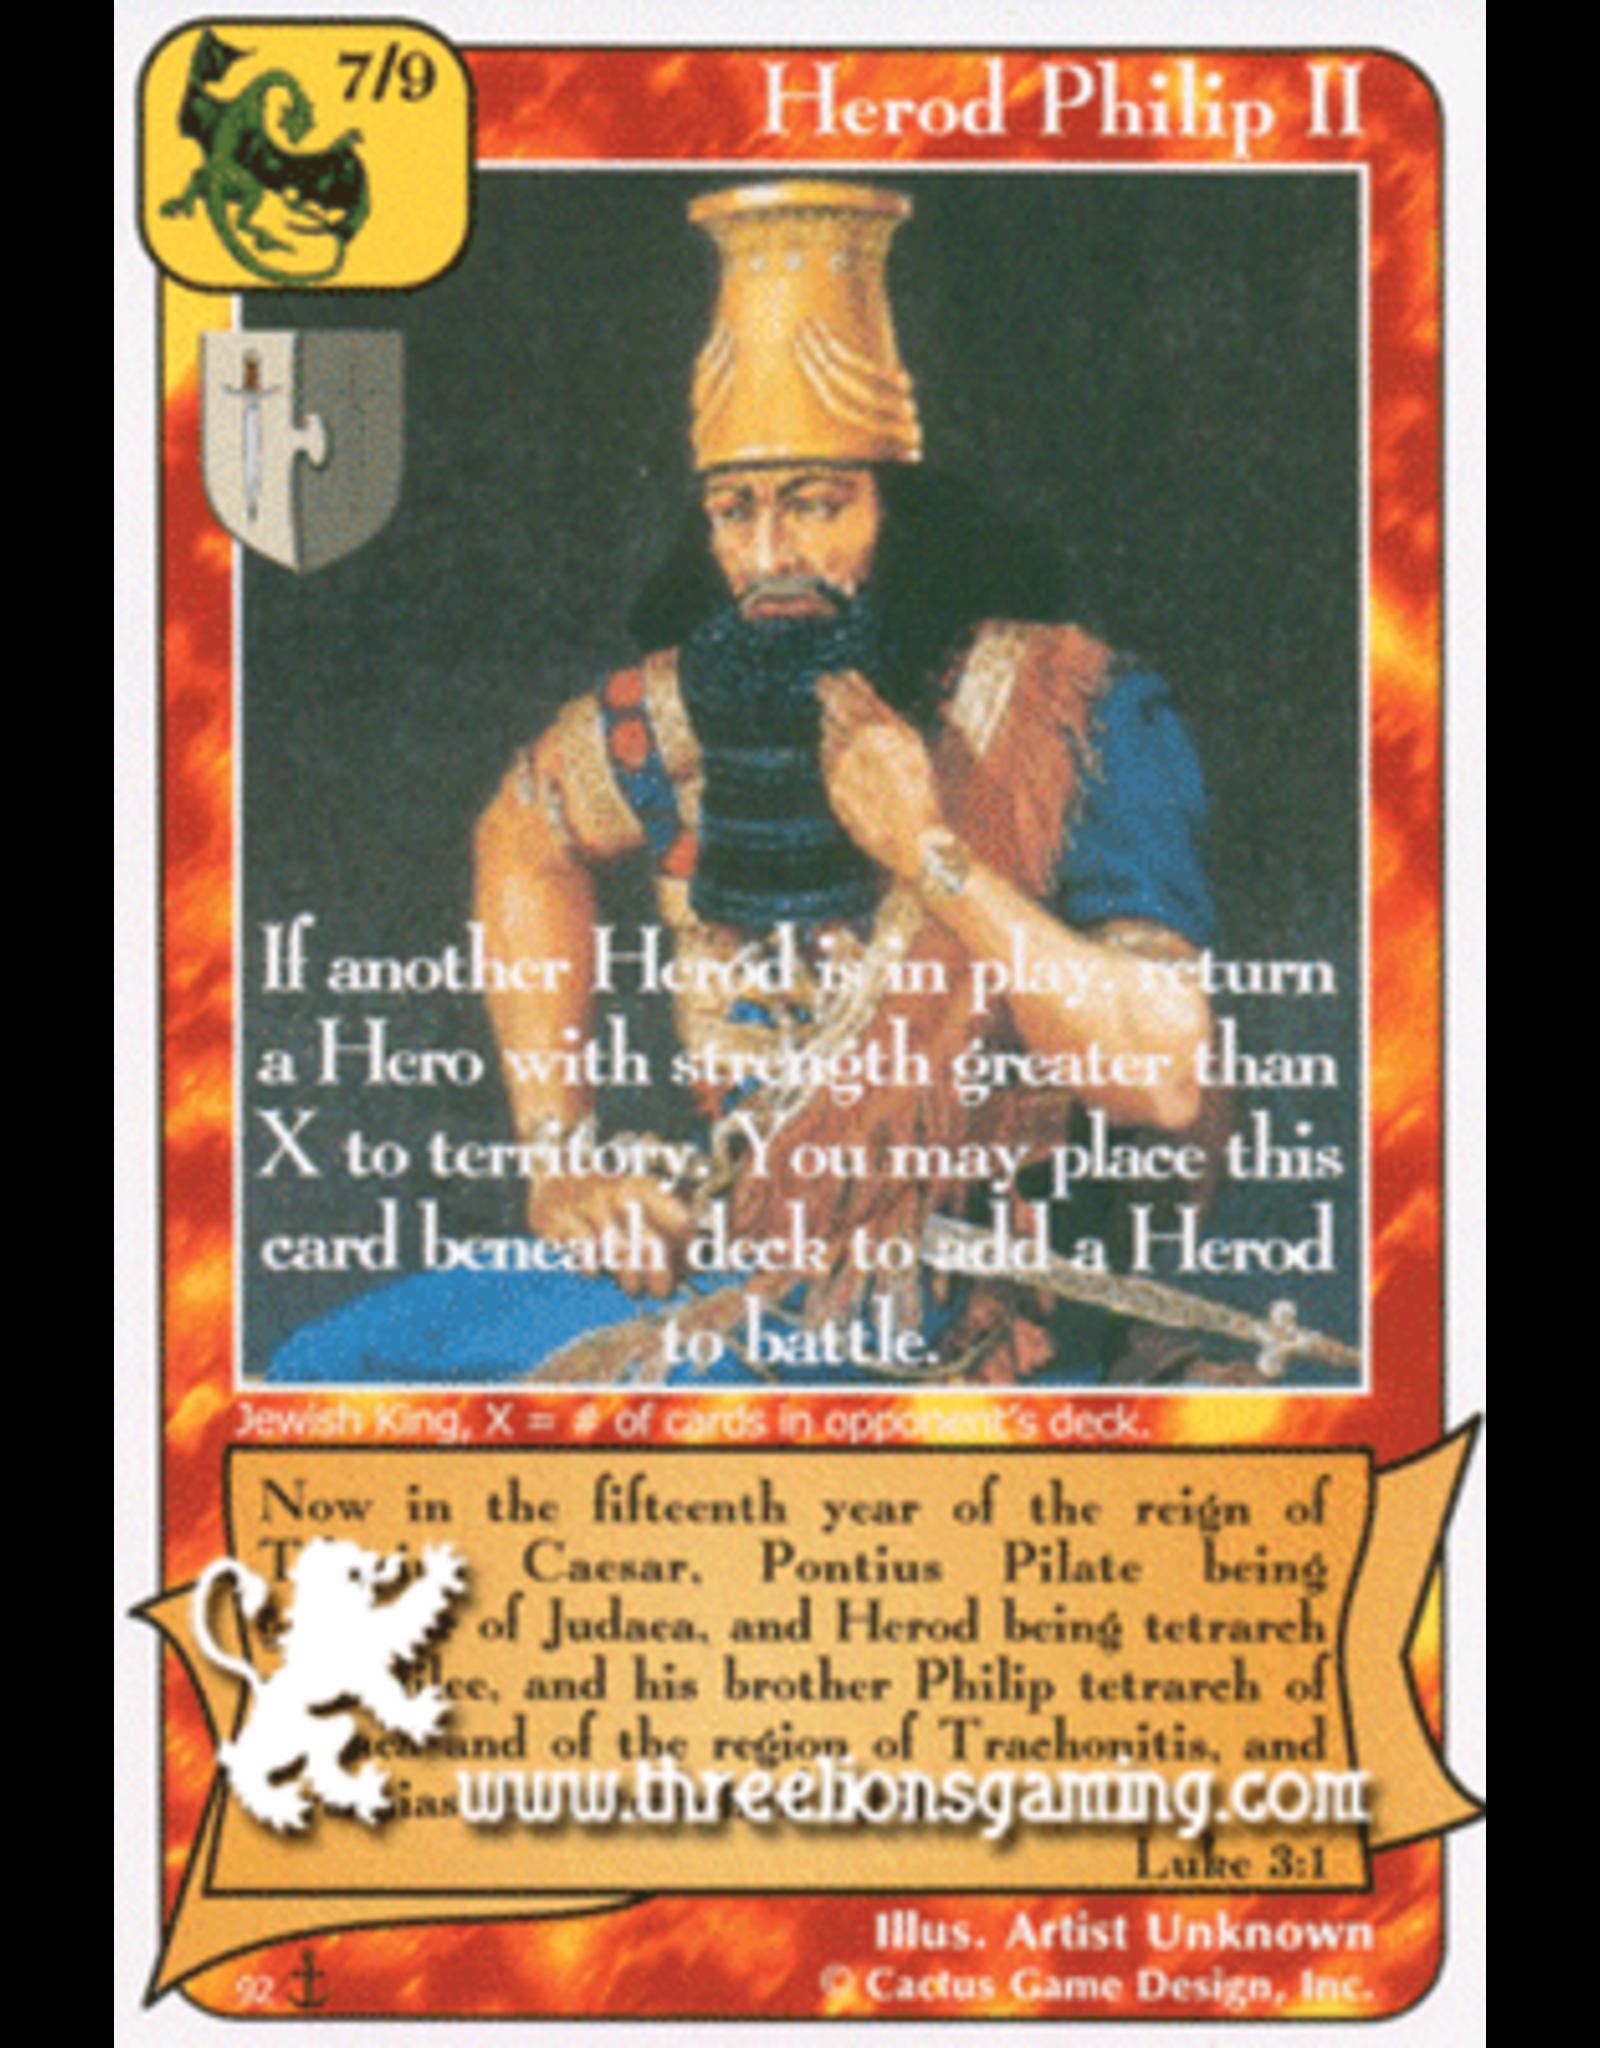 Di: Herod Philip II